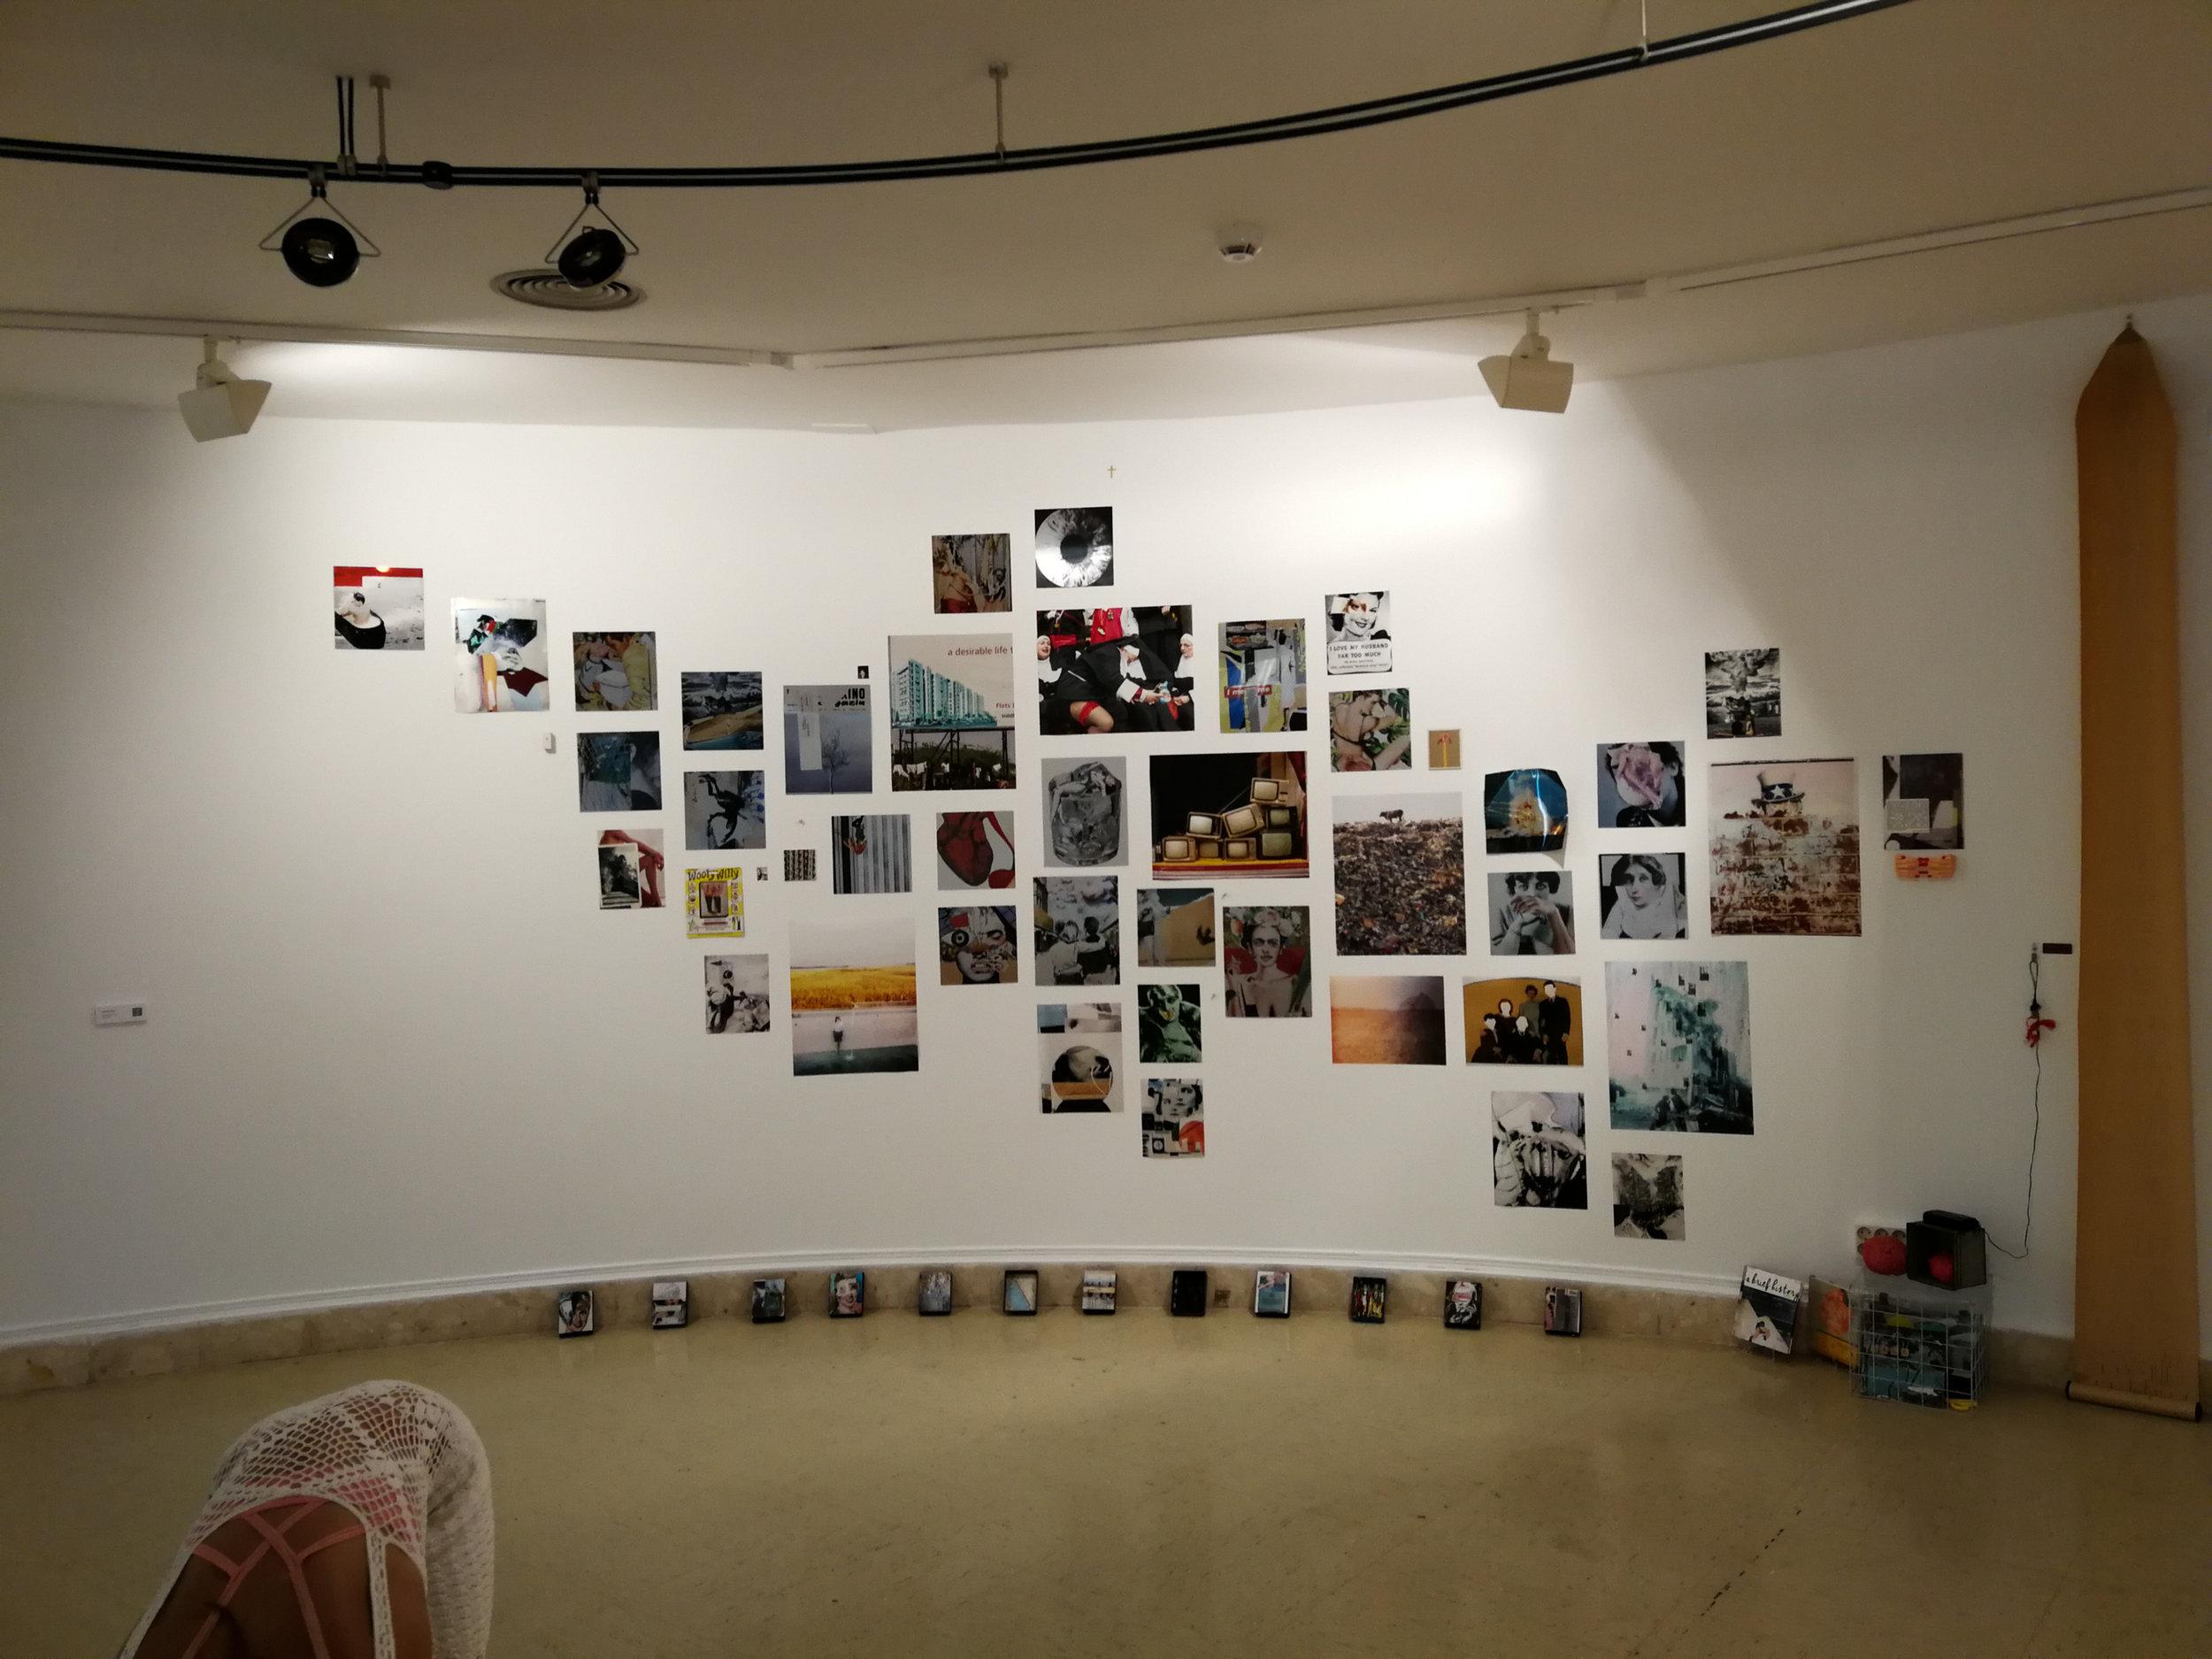 encuentro-exhibition-photos-184517.jpg